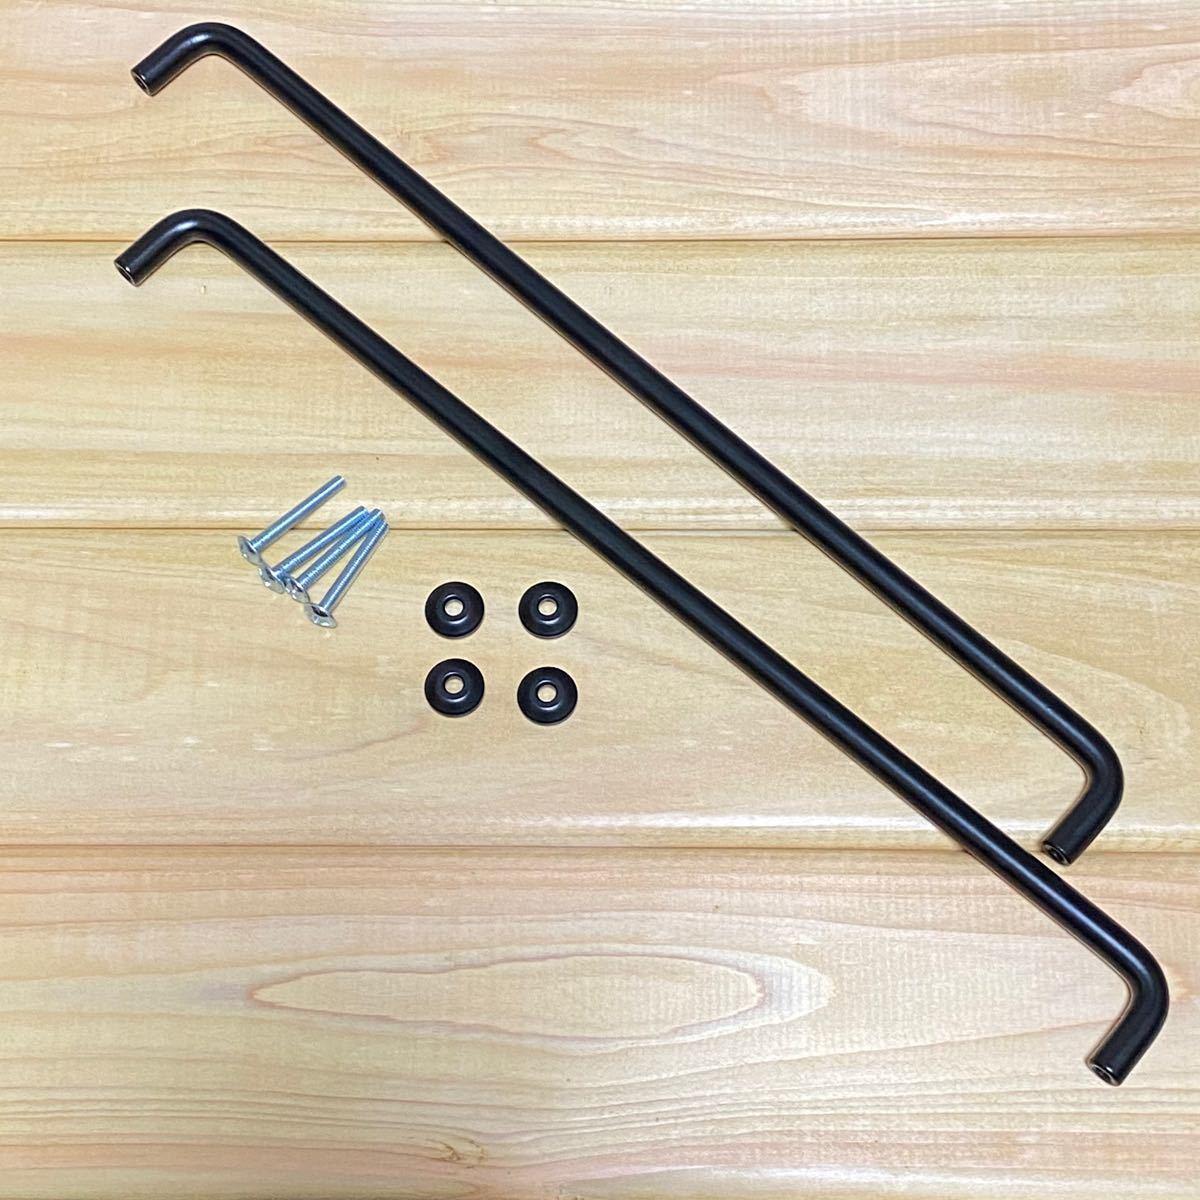 ユニフレーム 焚き火テーブル サイドバー カスタムパーツ ブラック2本 取手